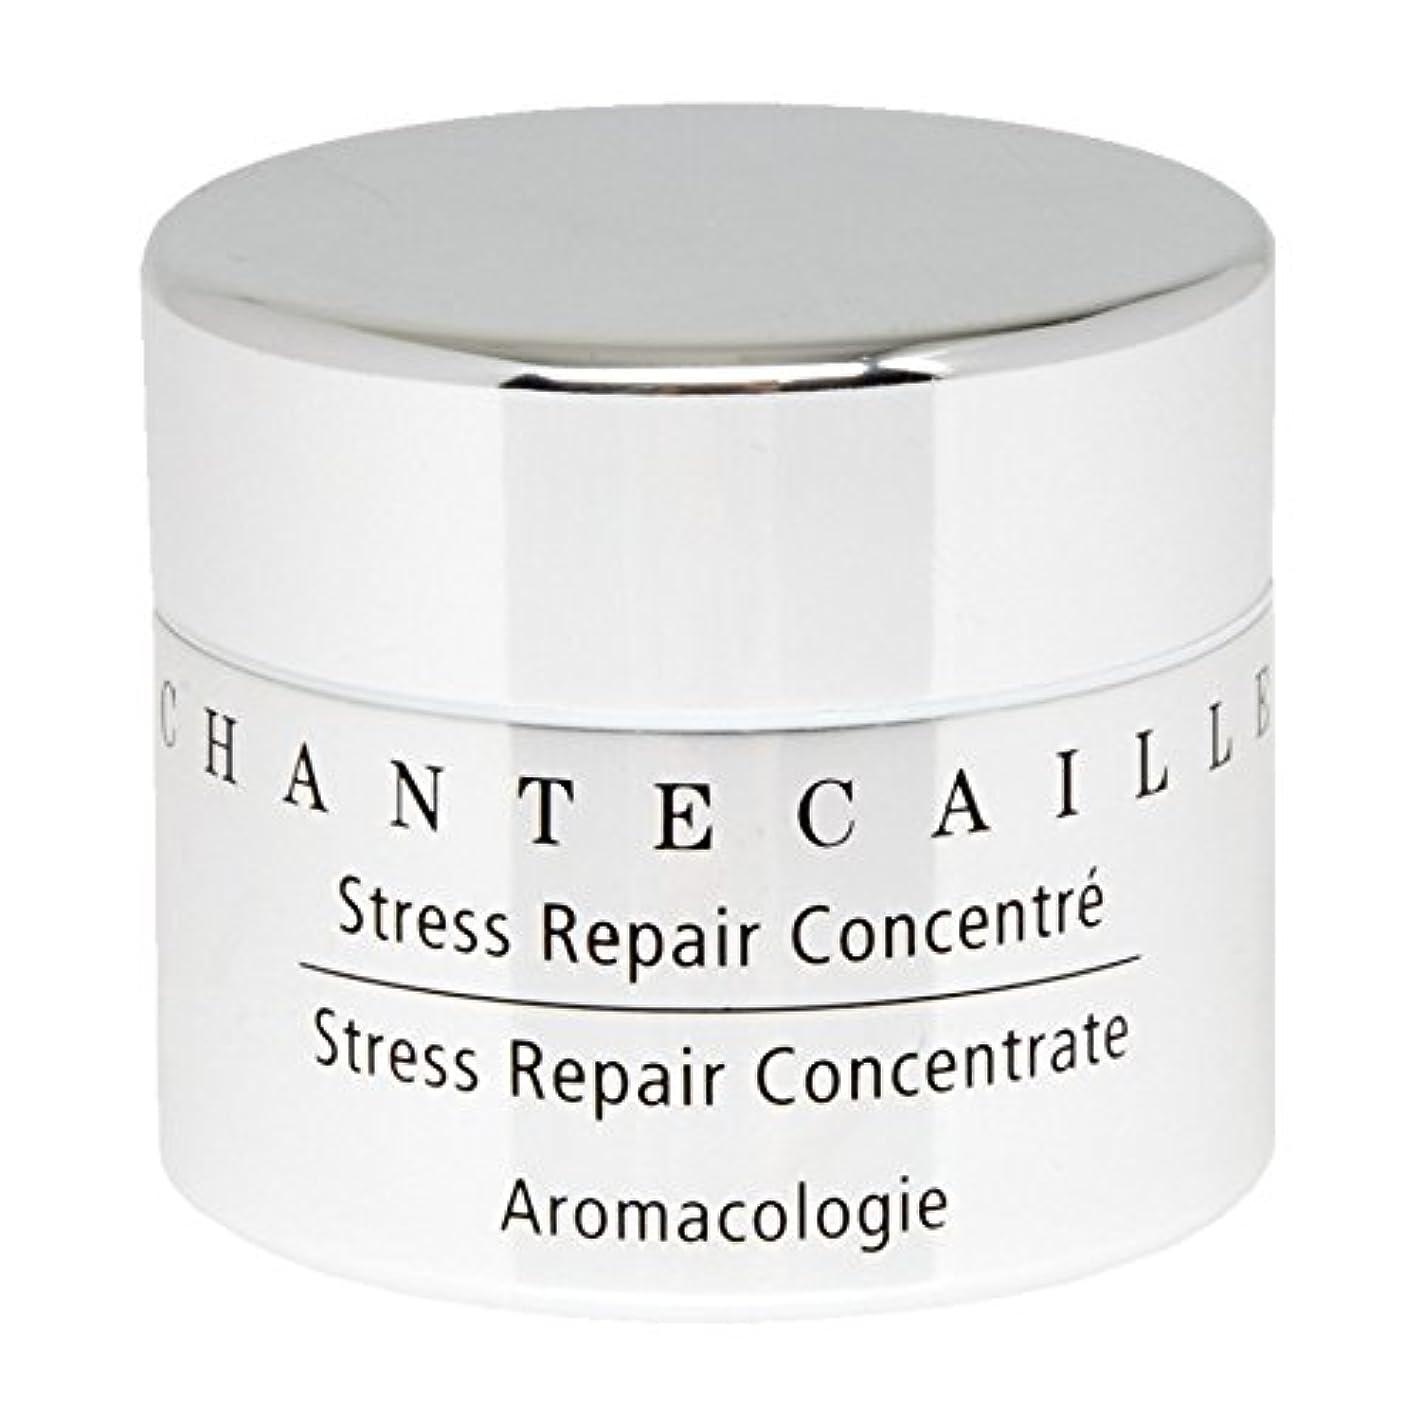 不快な偏見夕暮れChantecaille Stress Repair Concentrate 15ml - シャンテカイユストレス修復濃縮15ミリリットル [並行輸入品]